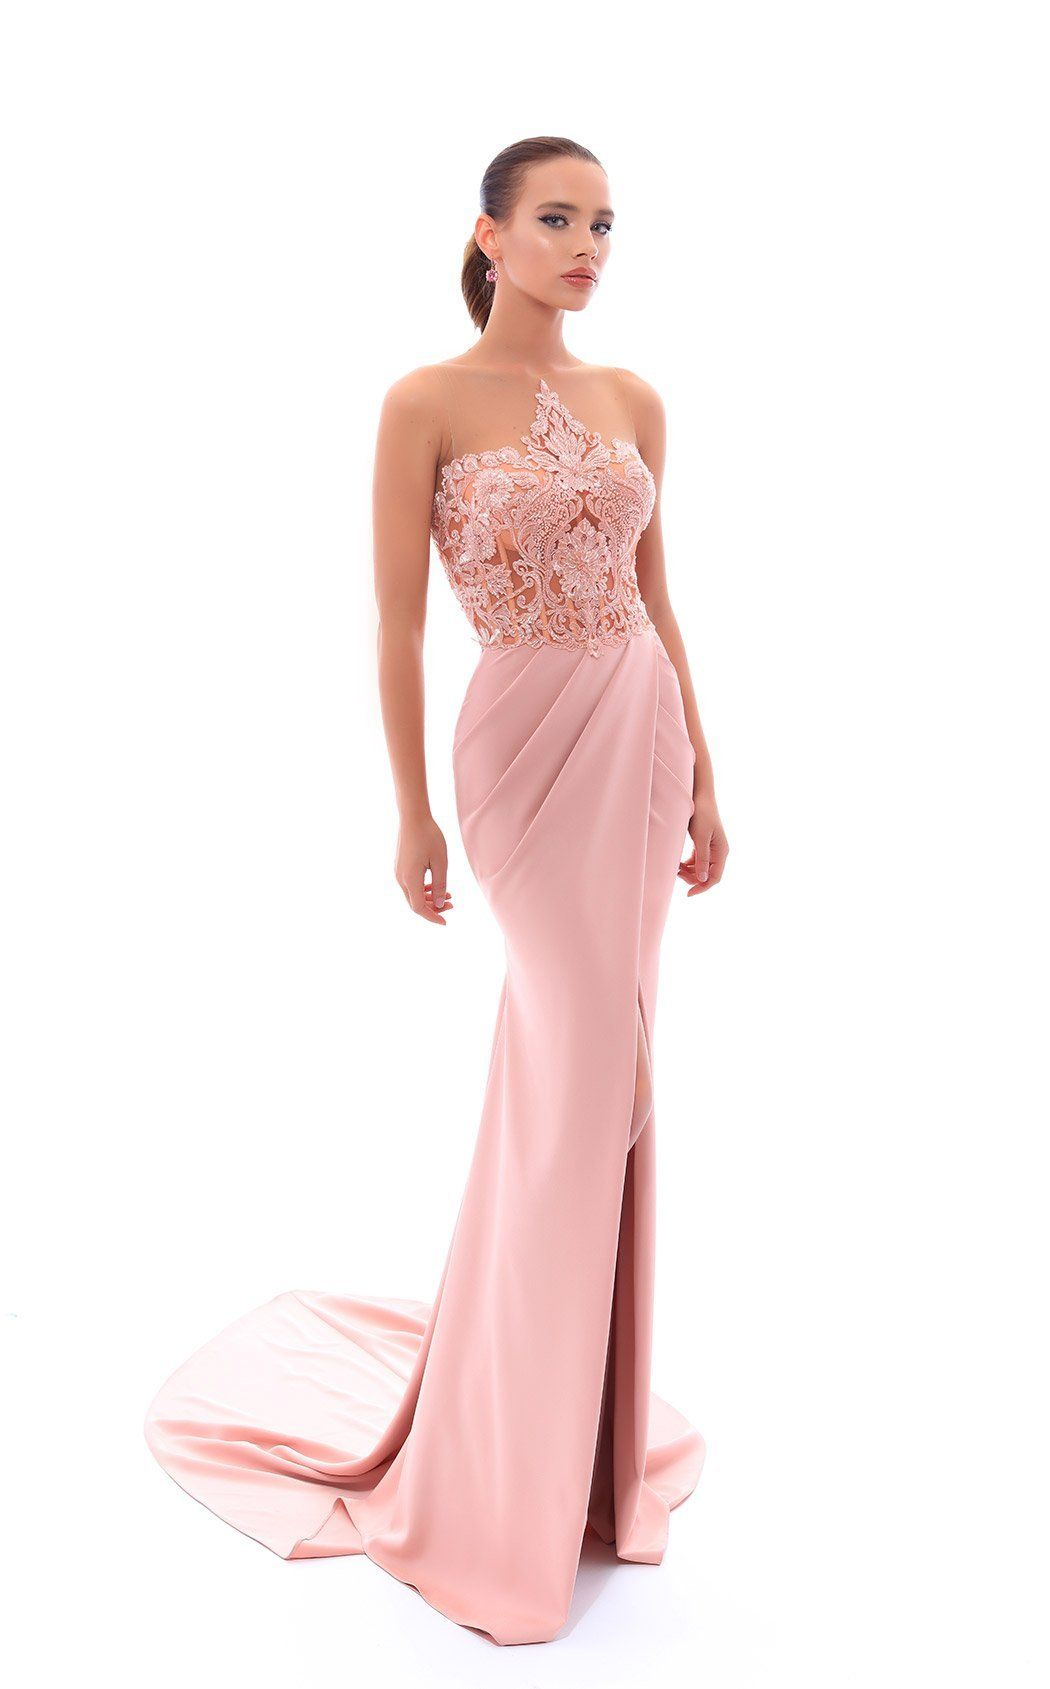 Tarik ediz in stunning dresses pinterest gowns